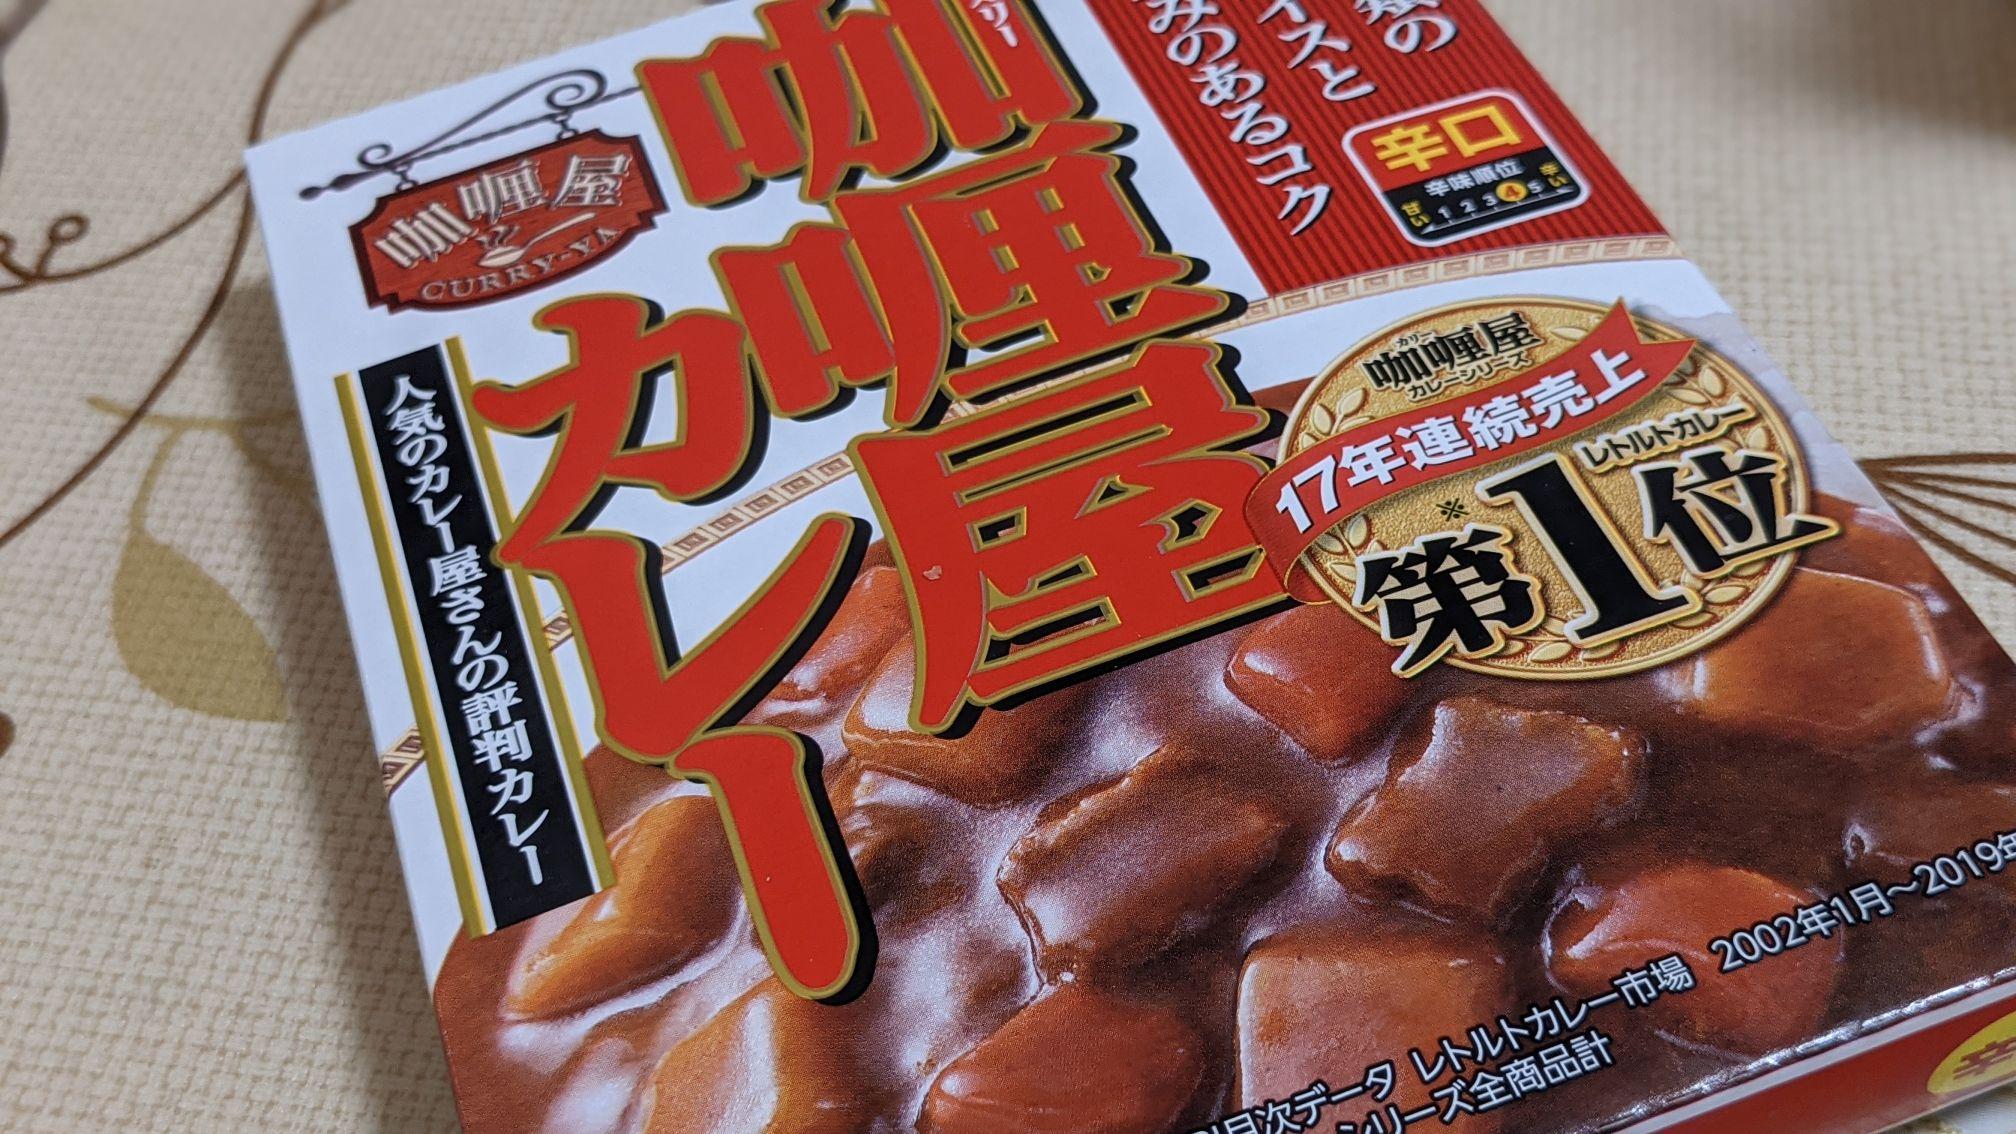 Vdrug(ブイドラッグ)大須店のレトルトカレー